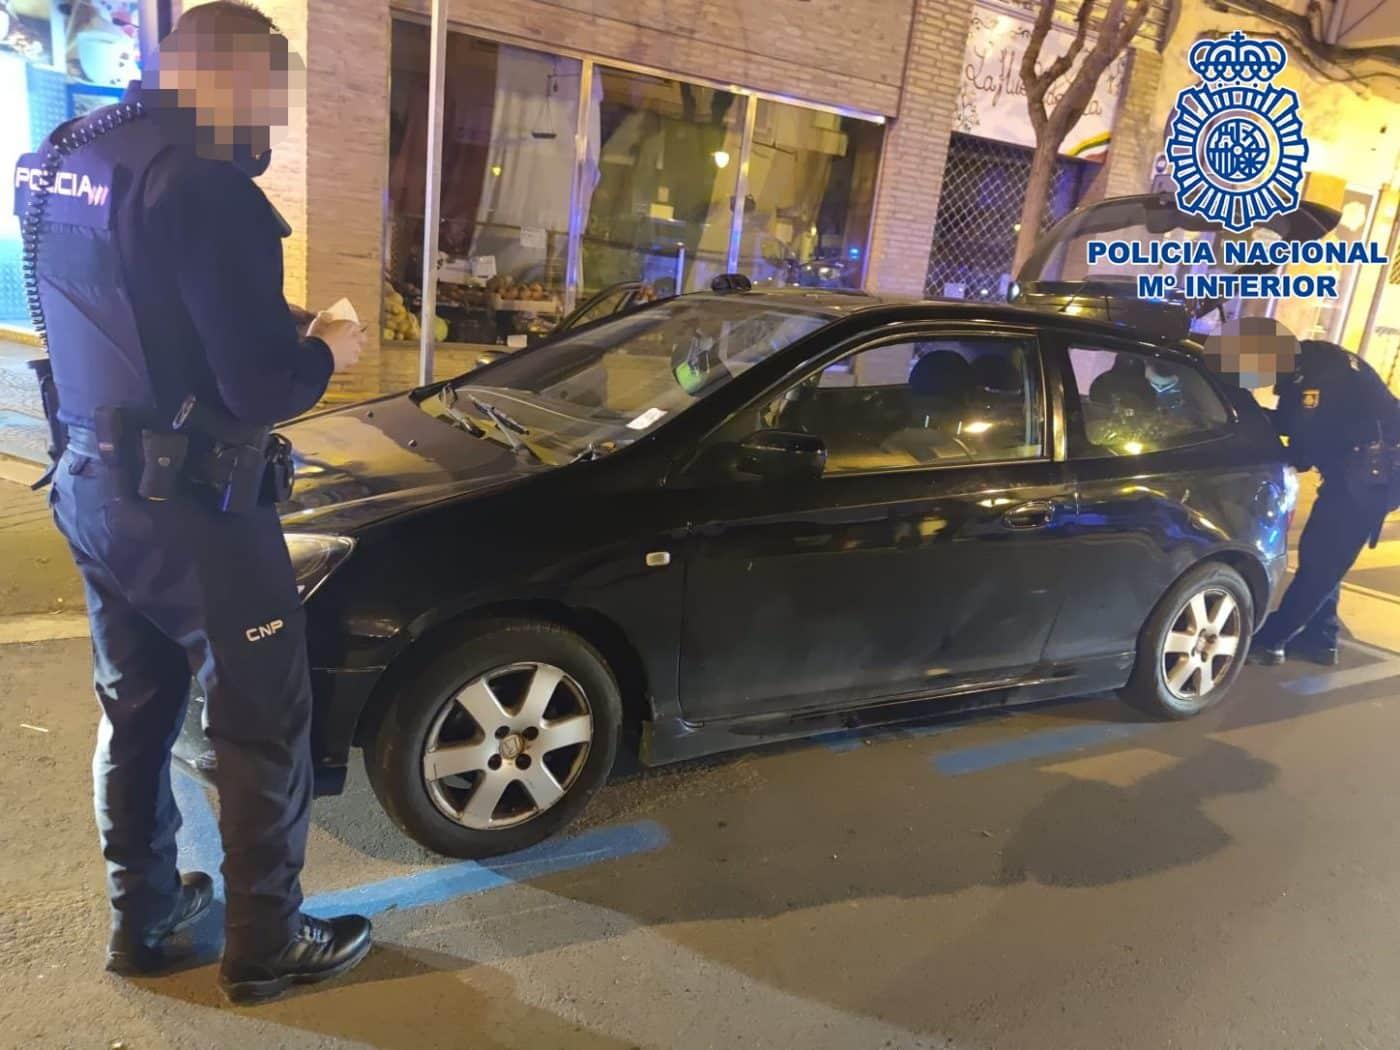 La Policía Nacional detiene a tres personas en una fiesta ilegal en Logroño 1